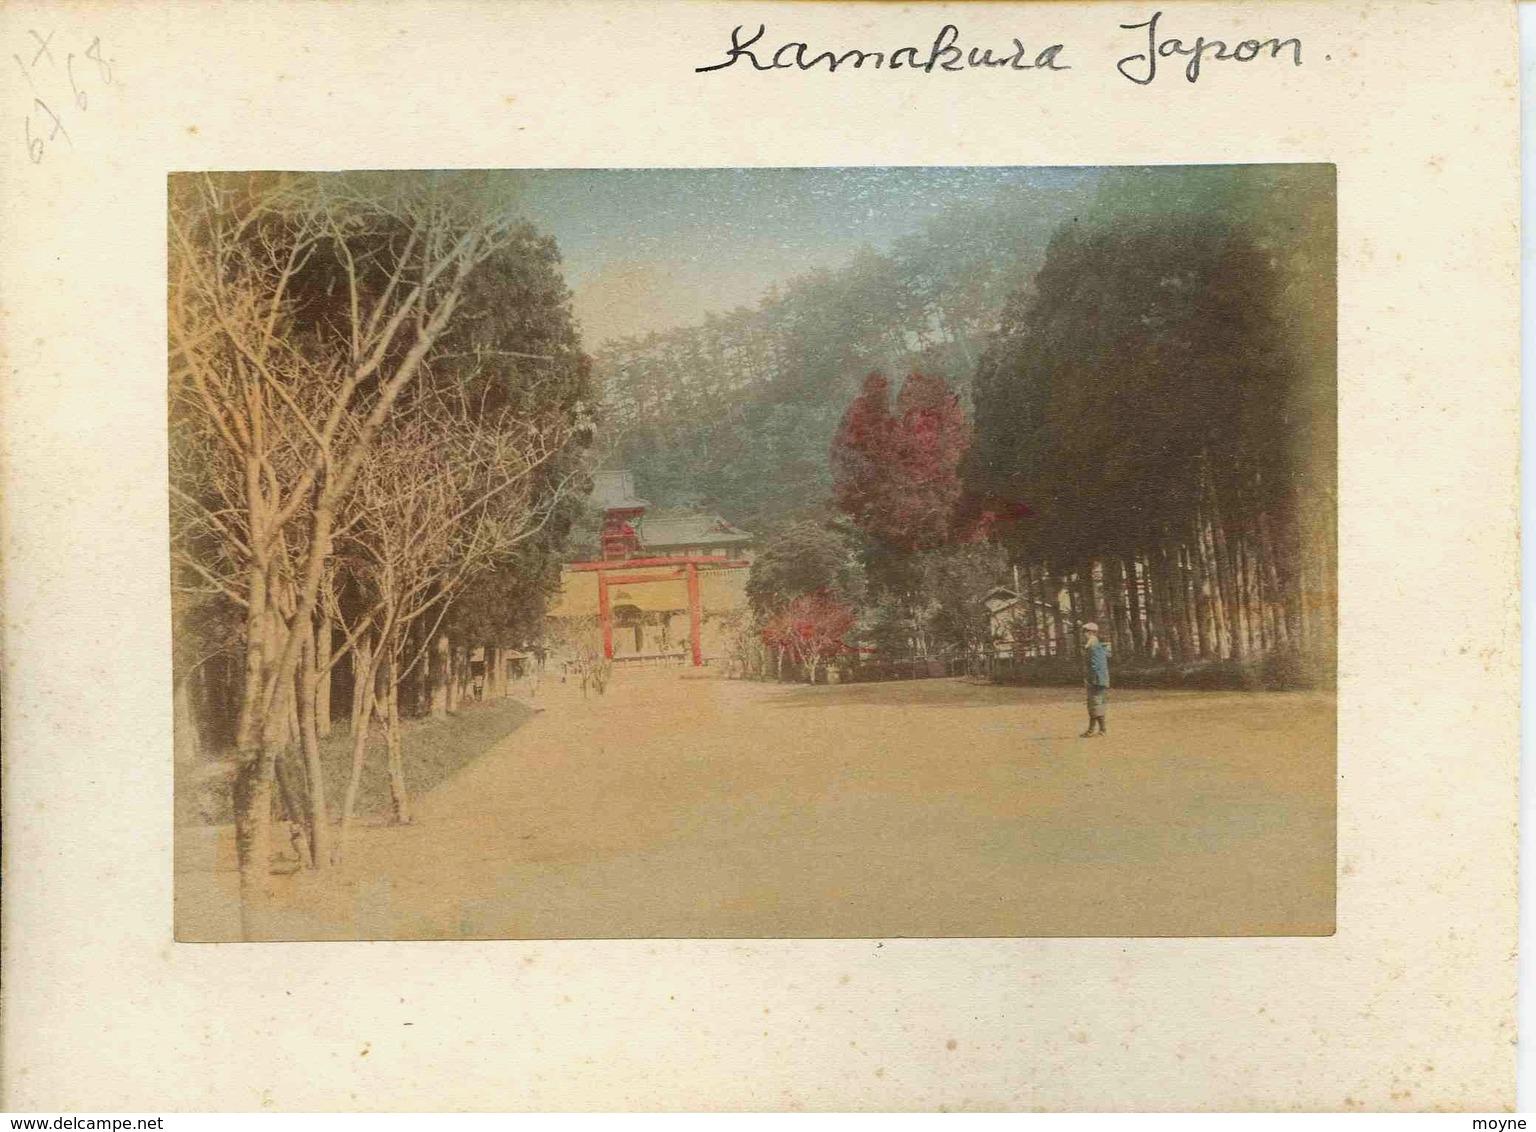 17 -  2 Photos Du Japon 19e - METIER 1)  TRIAGE DU THE   2)  KAMAKURA JAPON   Papier Albuminé Et Aquarellé - Photographs